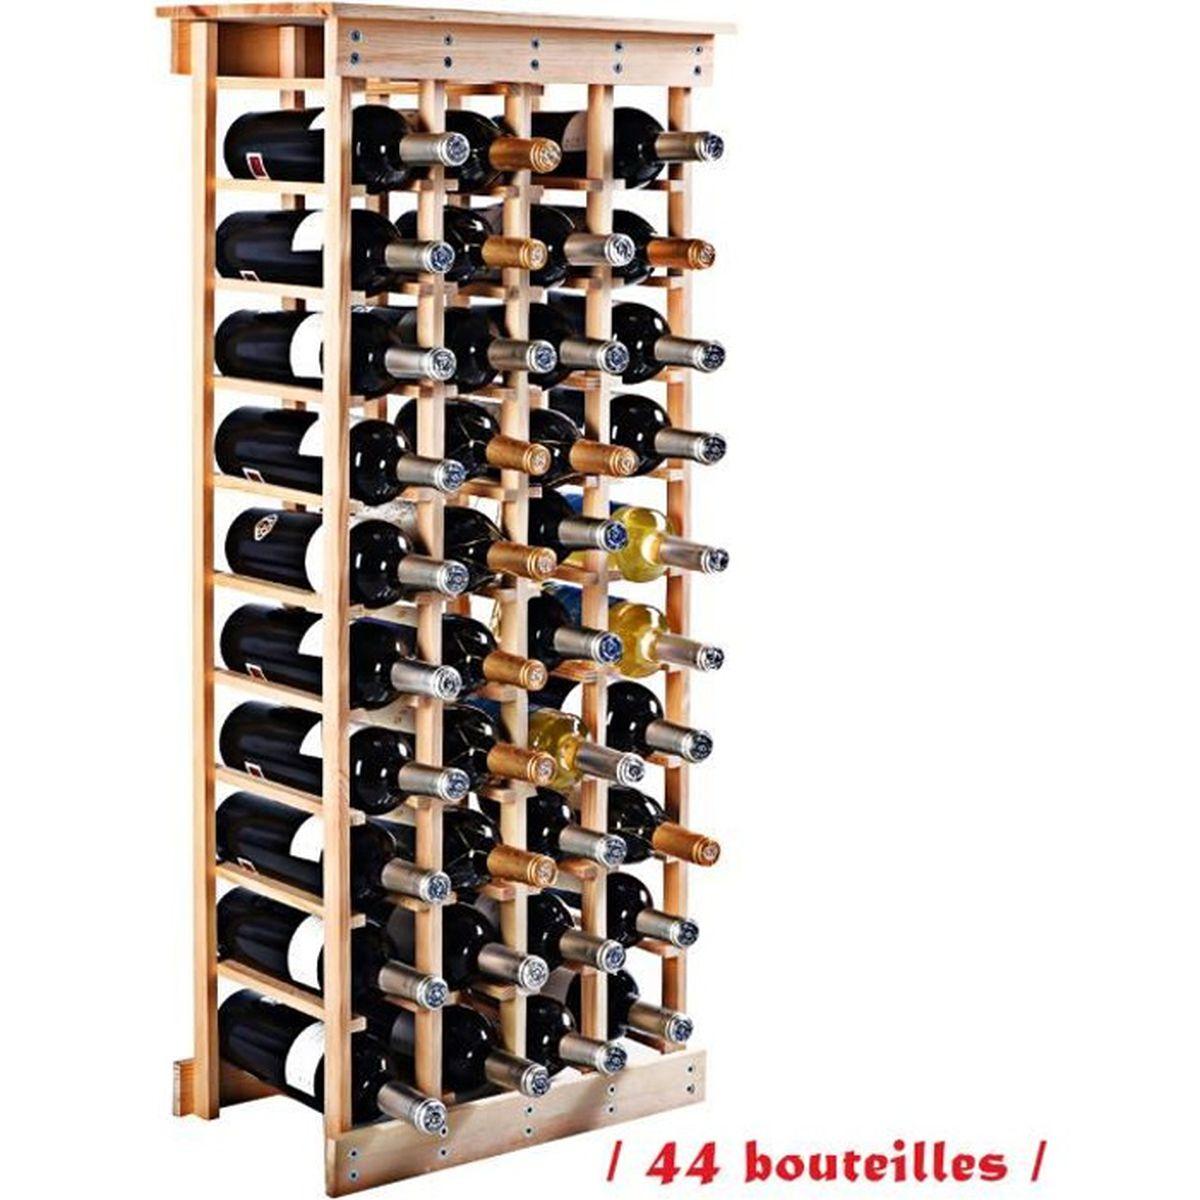 Tag re vin casier vin range bouteilleporte bouteille - Range bouteille roulette ...